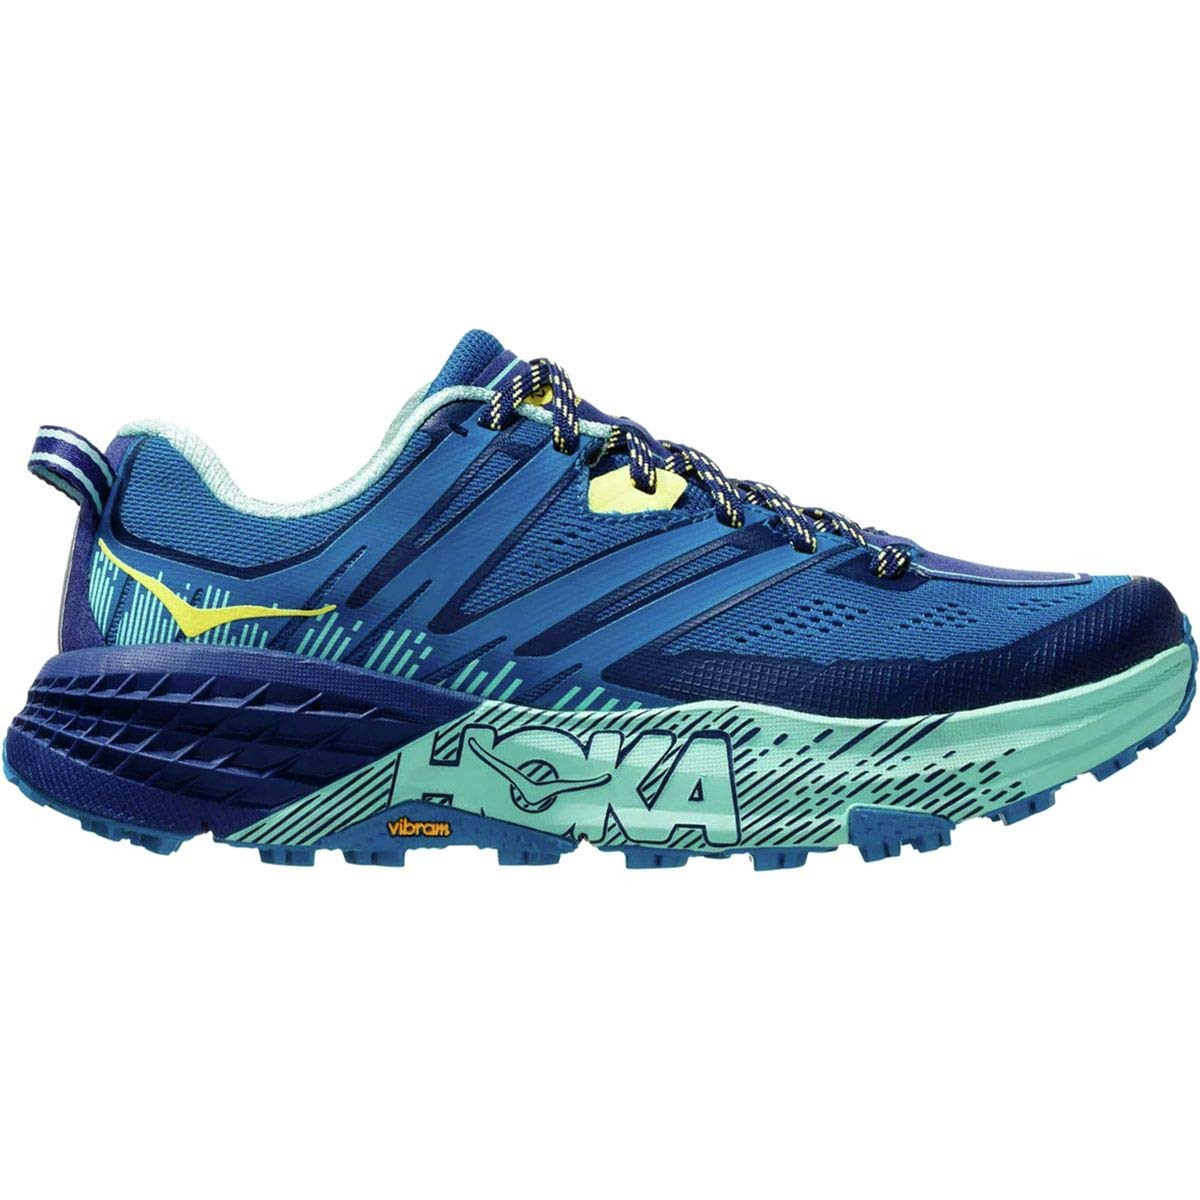 [ホッカオネオネ] レディース レディース [ホッカオネオネ] ランニング Speedgoat 3 Trail Running Shoe [並行輸入品] Trail B07P2XXLW8 7, 鳳来町:8b6ec25d --- dqfansurvey.online